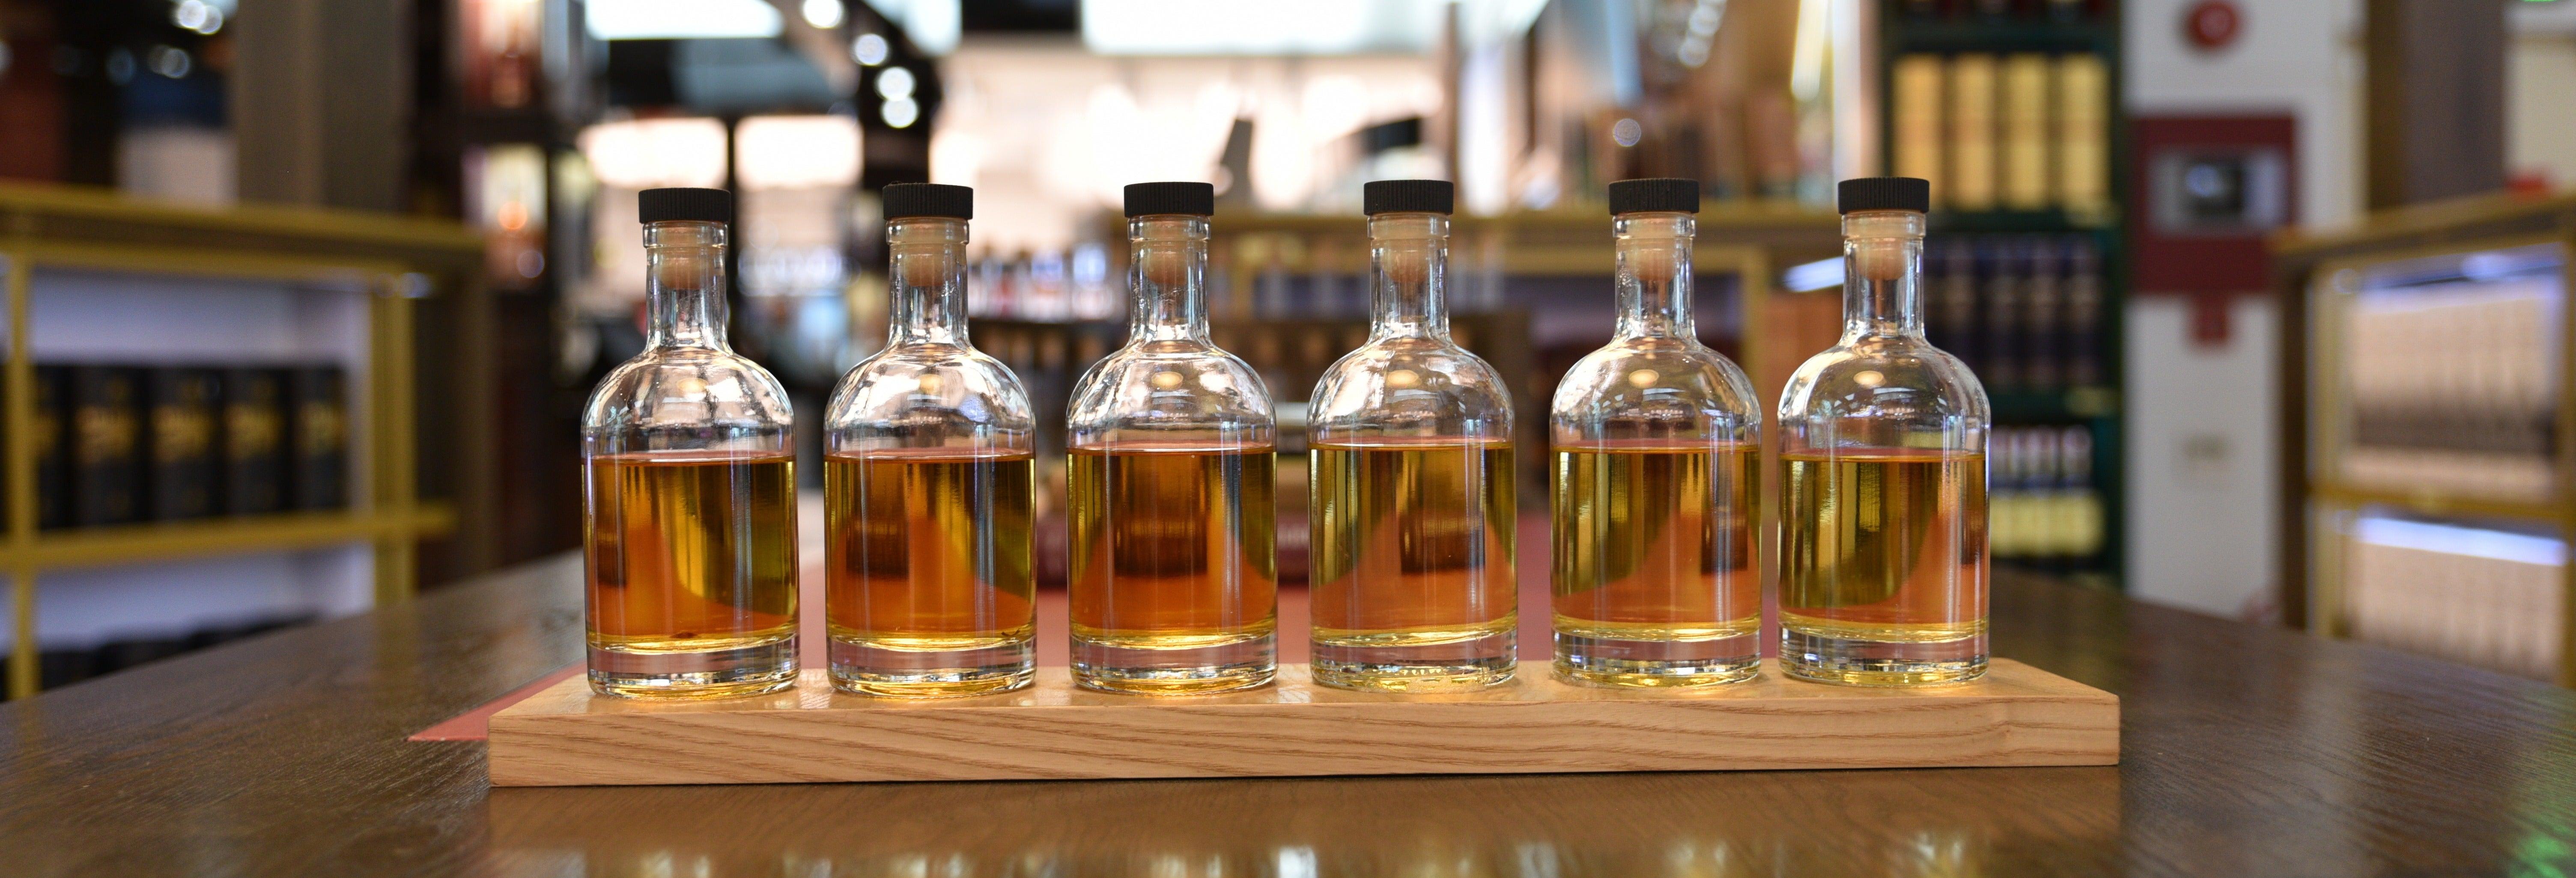 Visita a la destilería de whisky Jameson